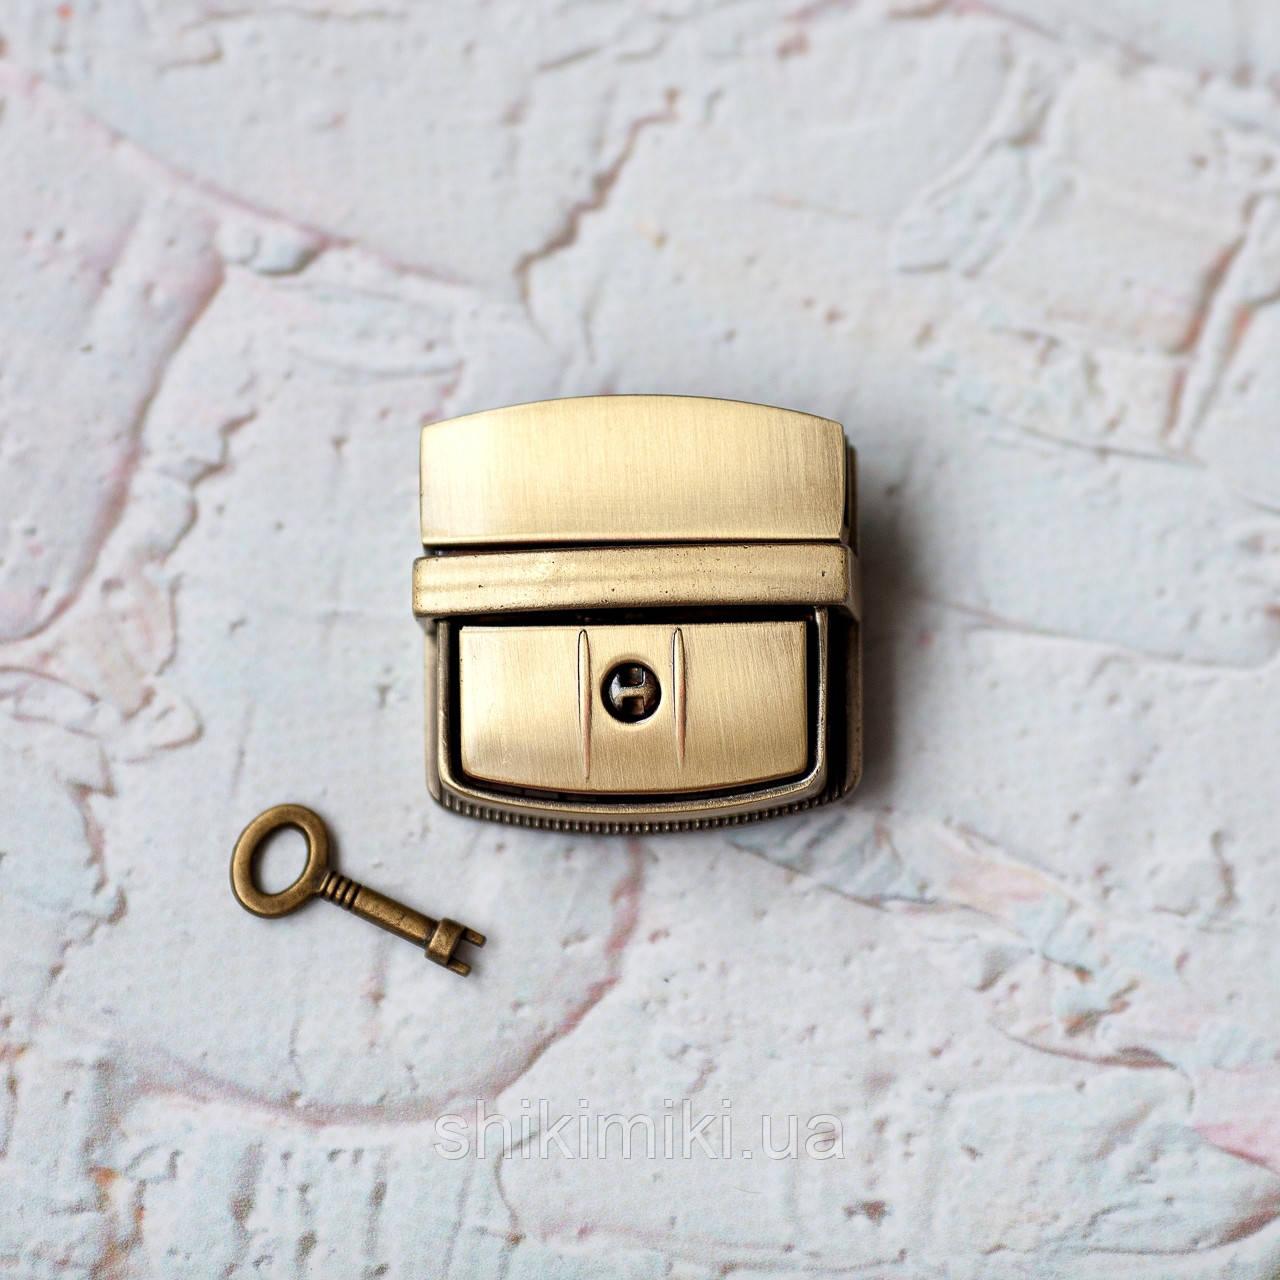 Замок для сумки с ключом ZM03-4, цвет антик